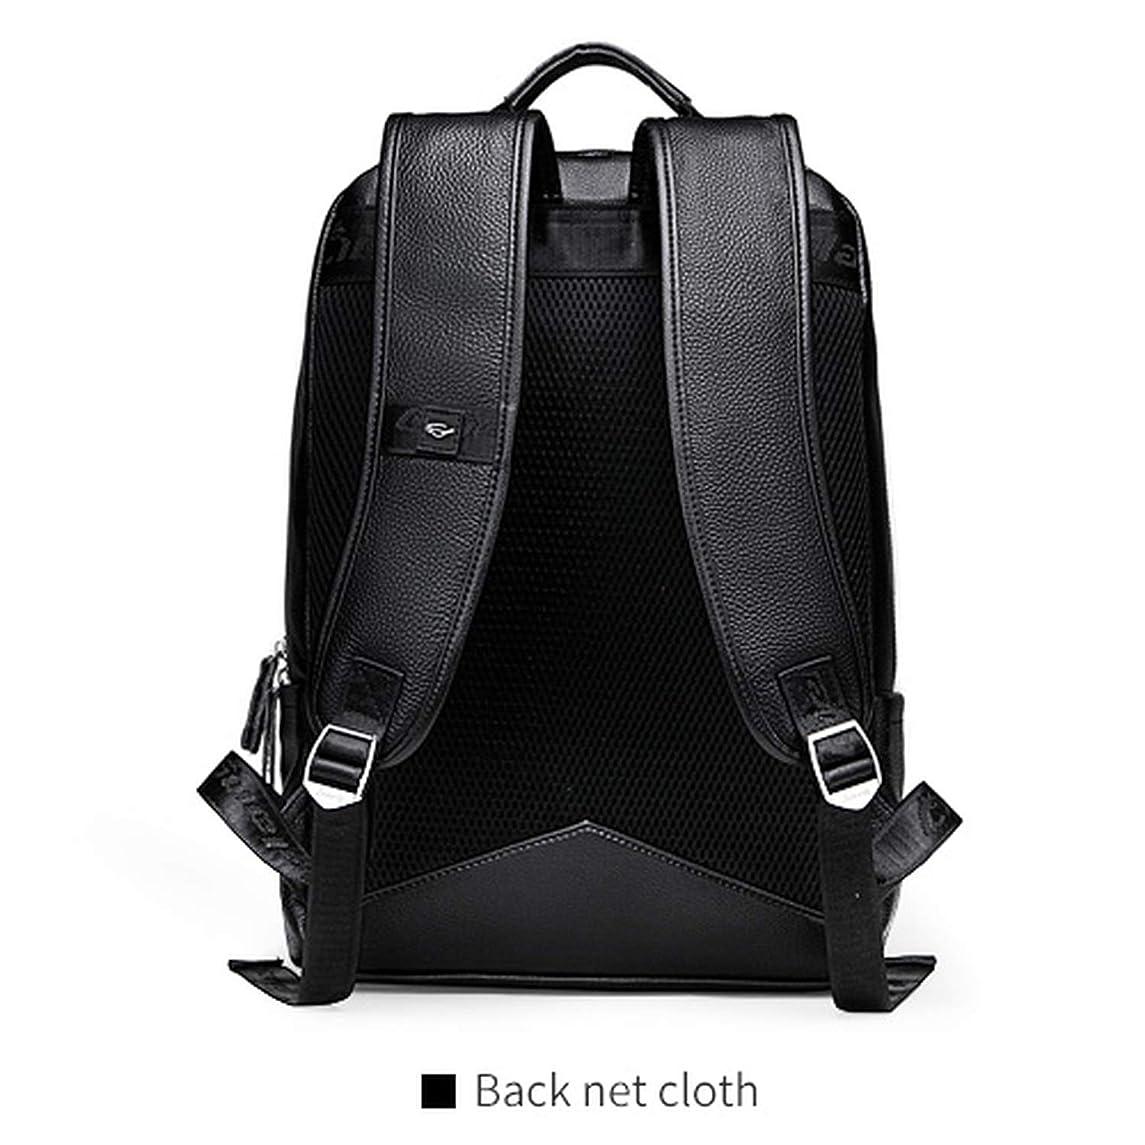 Genuine Leather Backpack Men Youth Backpacks Preppy Schoolbag Backpack Laptop Backpack Mens Travel Backpack Sack,back net cloth,China